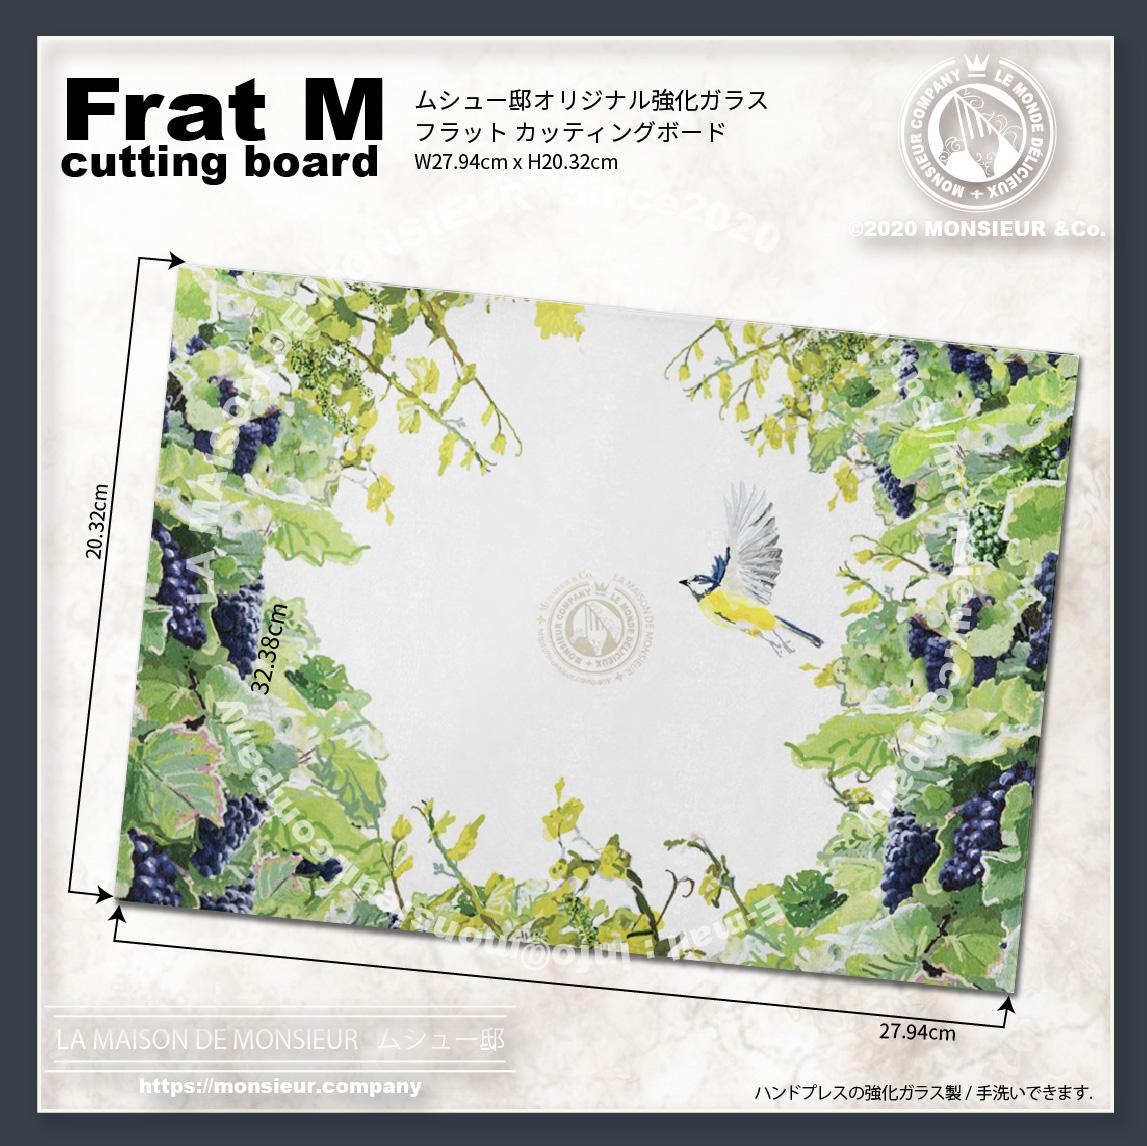 葡萄園シリーズ フラットM(29.21cm x 20.32cm)